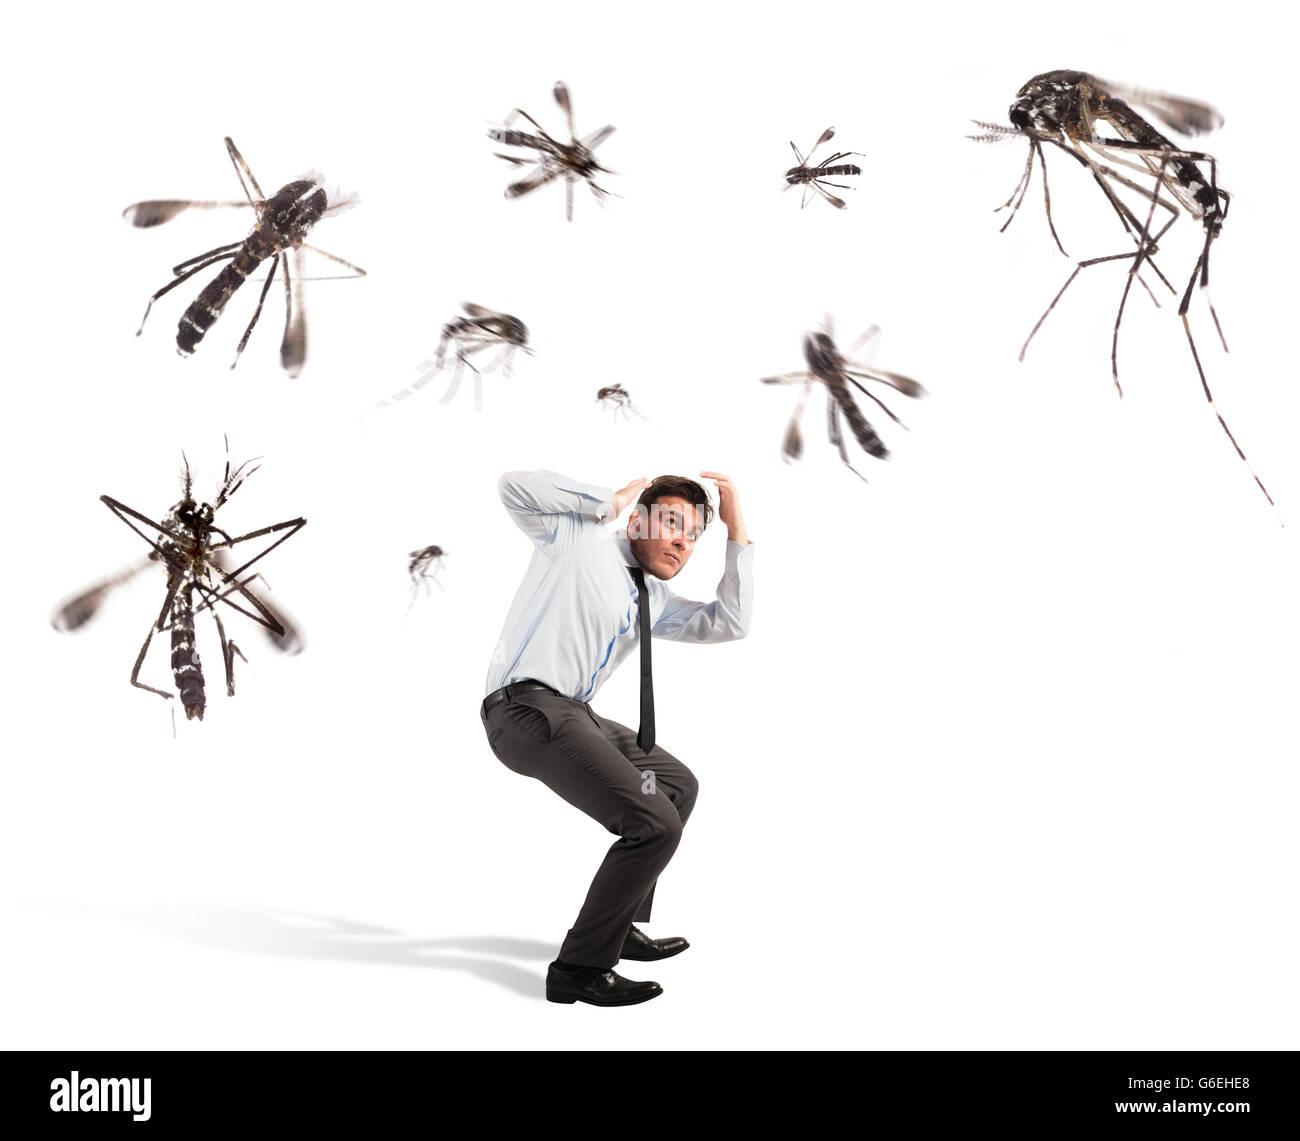 Attacco di zanzare Immagini Stock